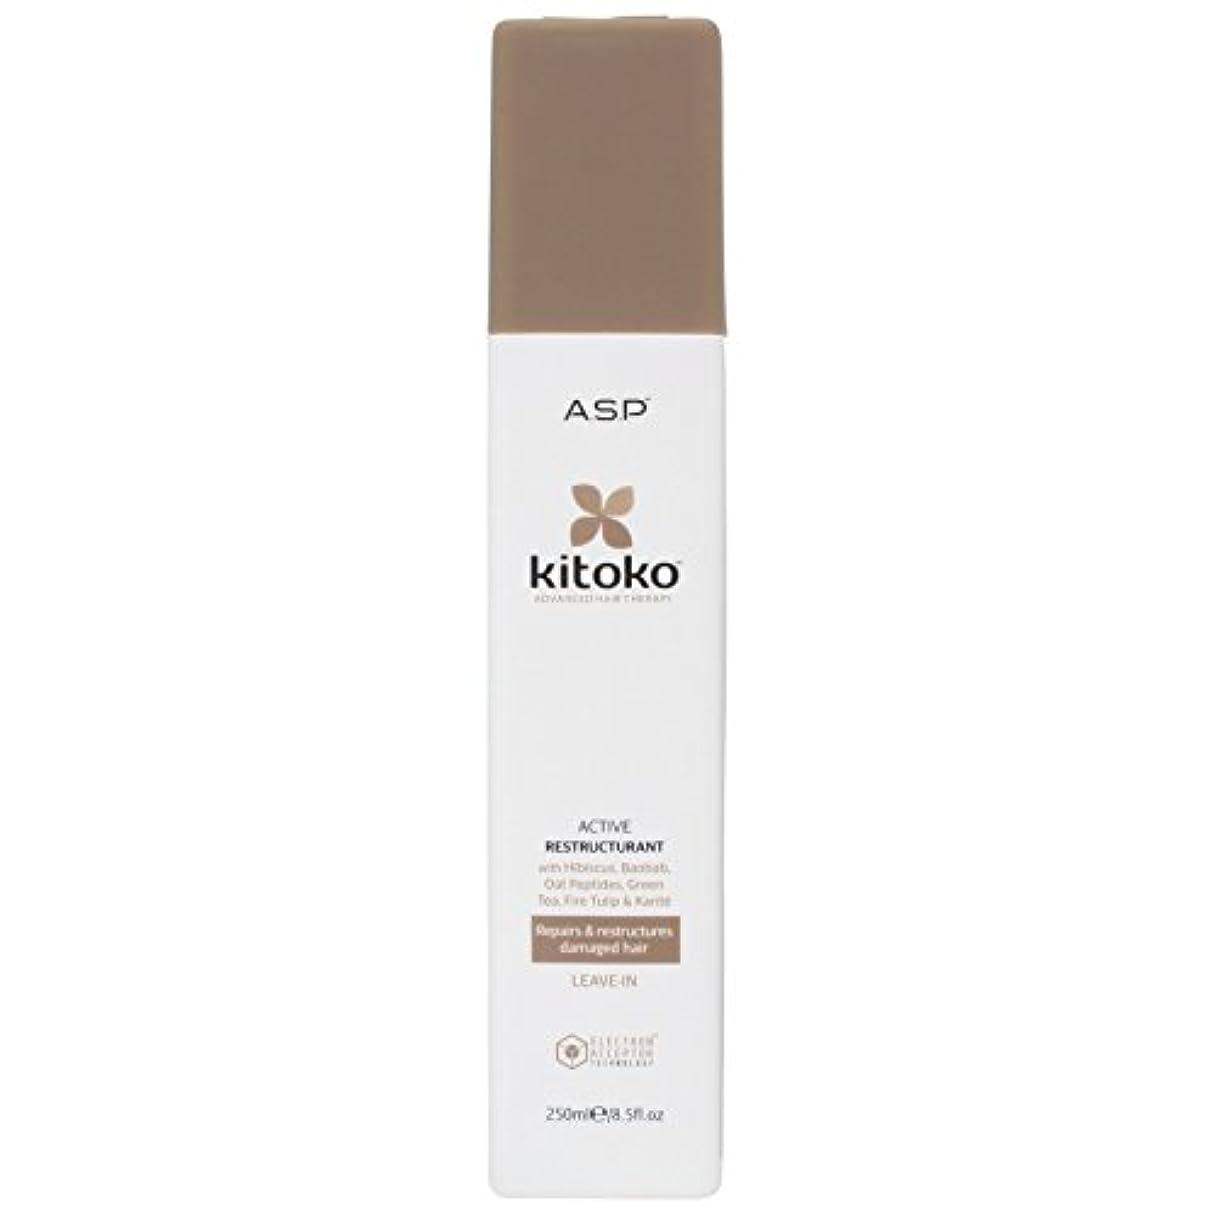 パン屋統合する百Affinage Salon Professional ASP KitokoアクティブRestructurant - 8.5オンス 8.5オンス